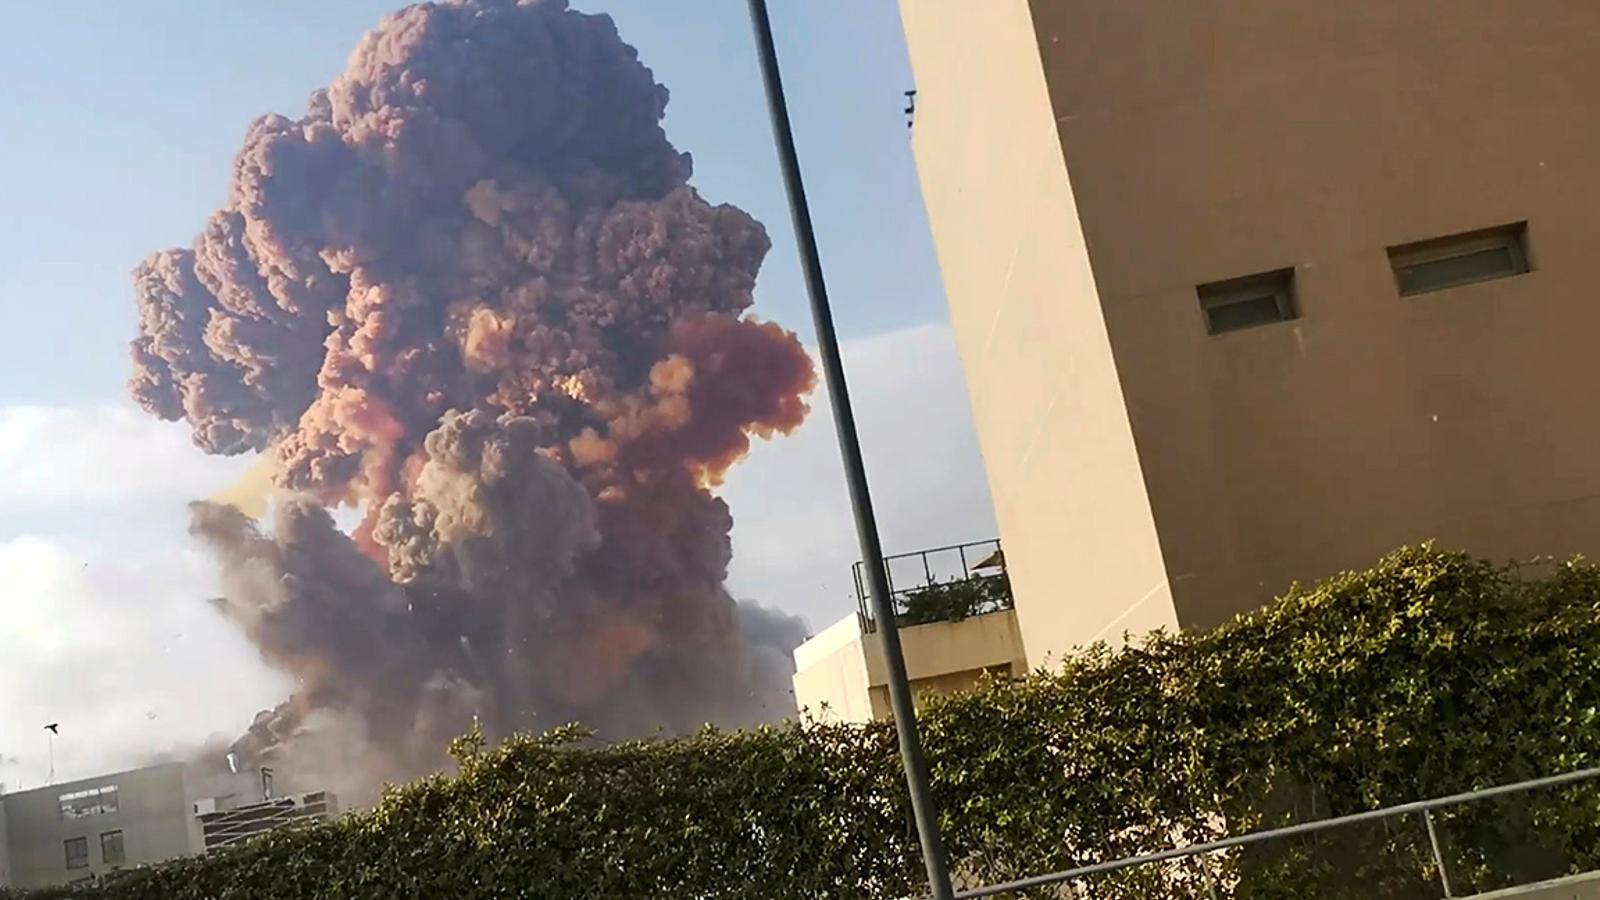 Almenys 100 morts i 4.000 ferits a Beirut a causa d'una forta explosió